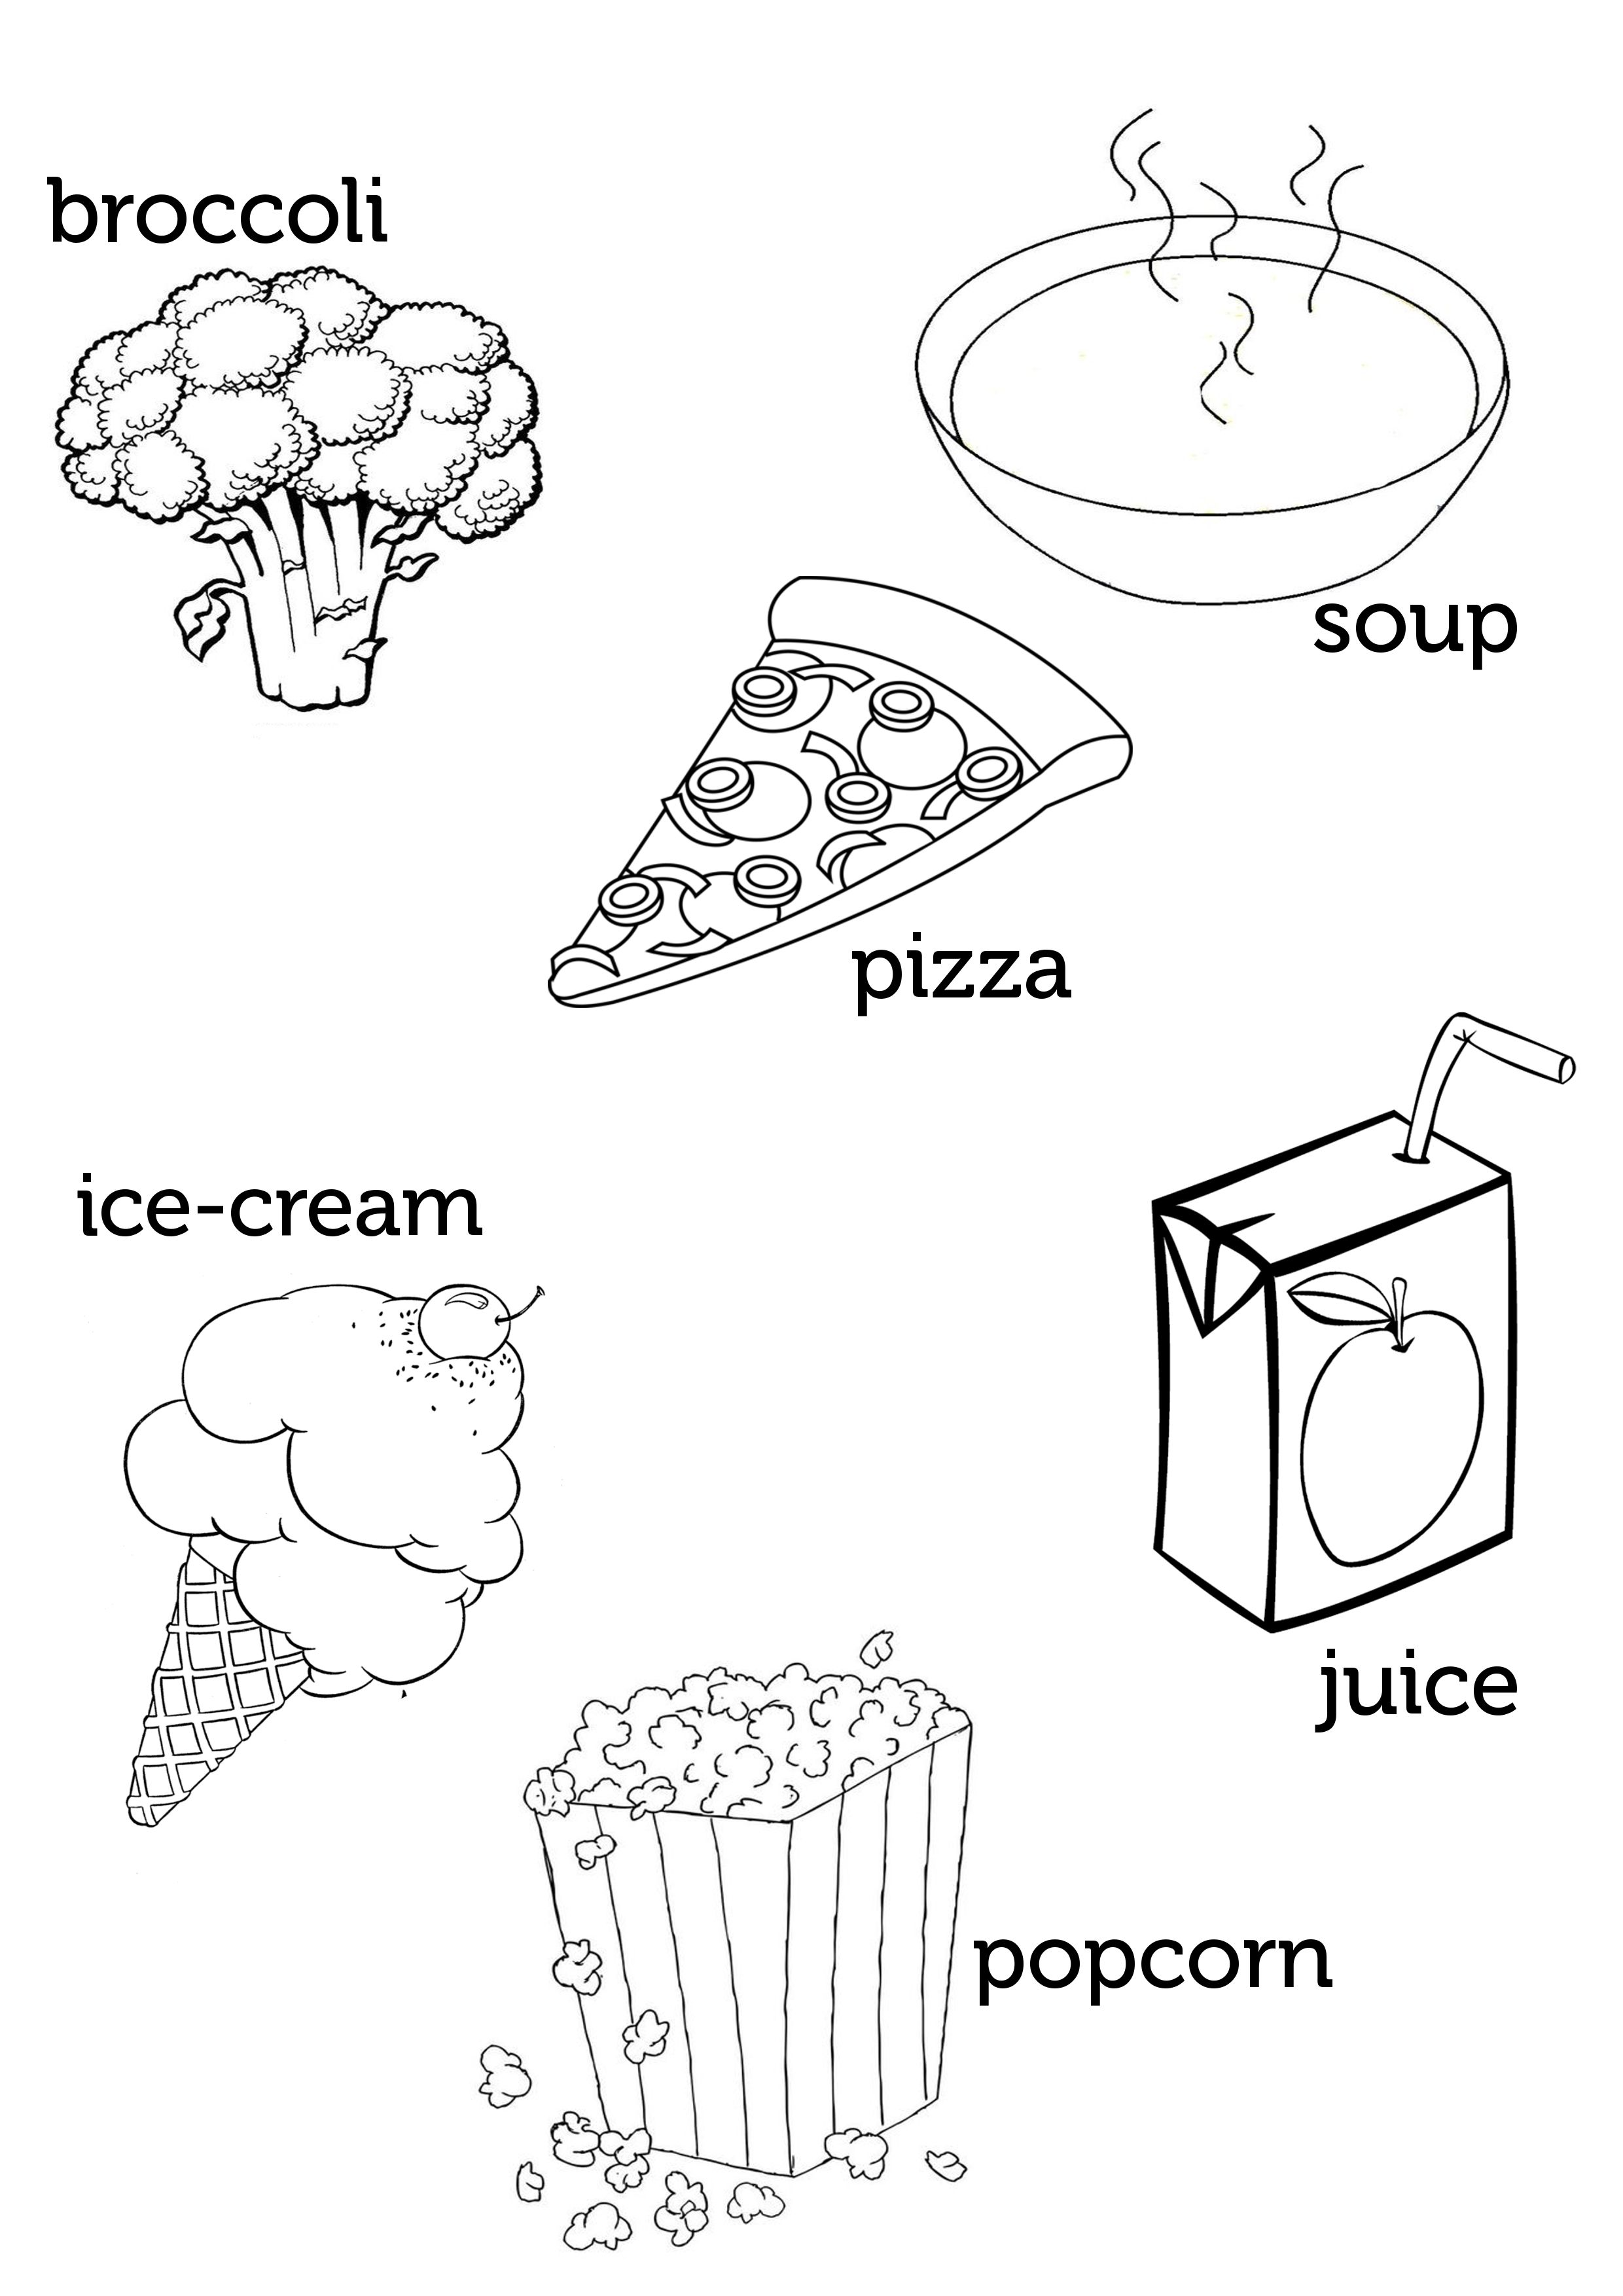 Broccoli Pizza Soup Ice Cream Juice Popcorn